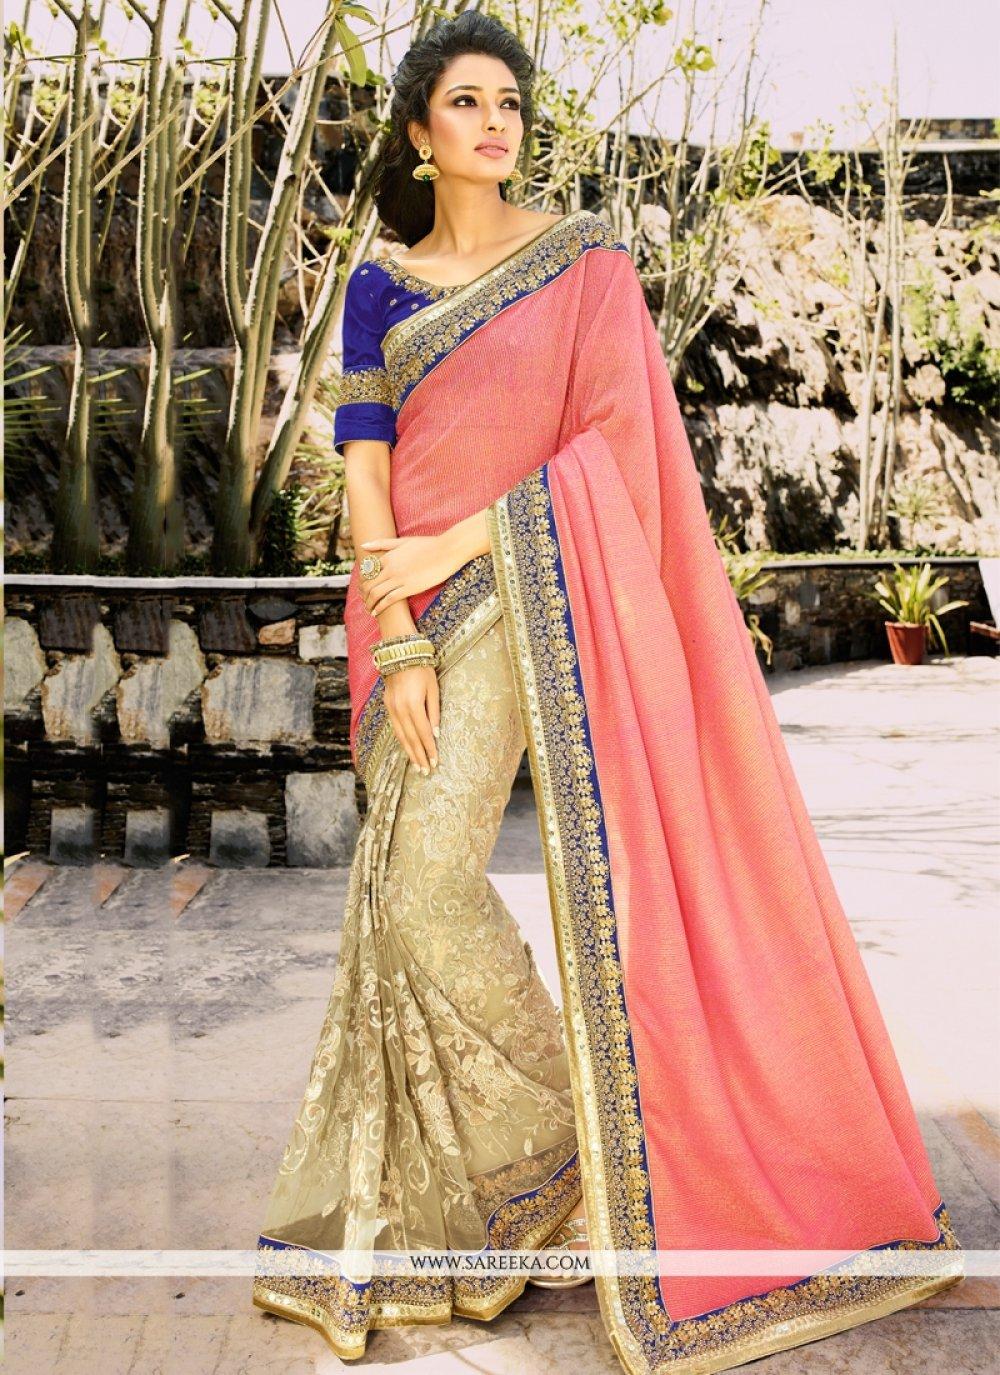 Beige and Hot Pink Cutdana Work Net Half N Half Designer Saree